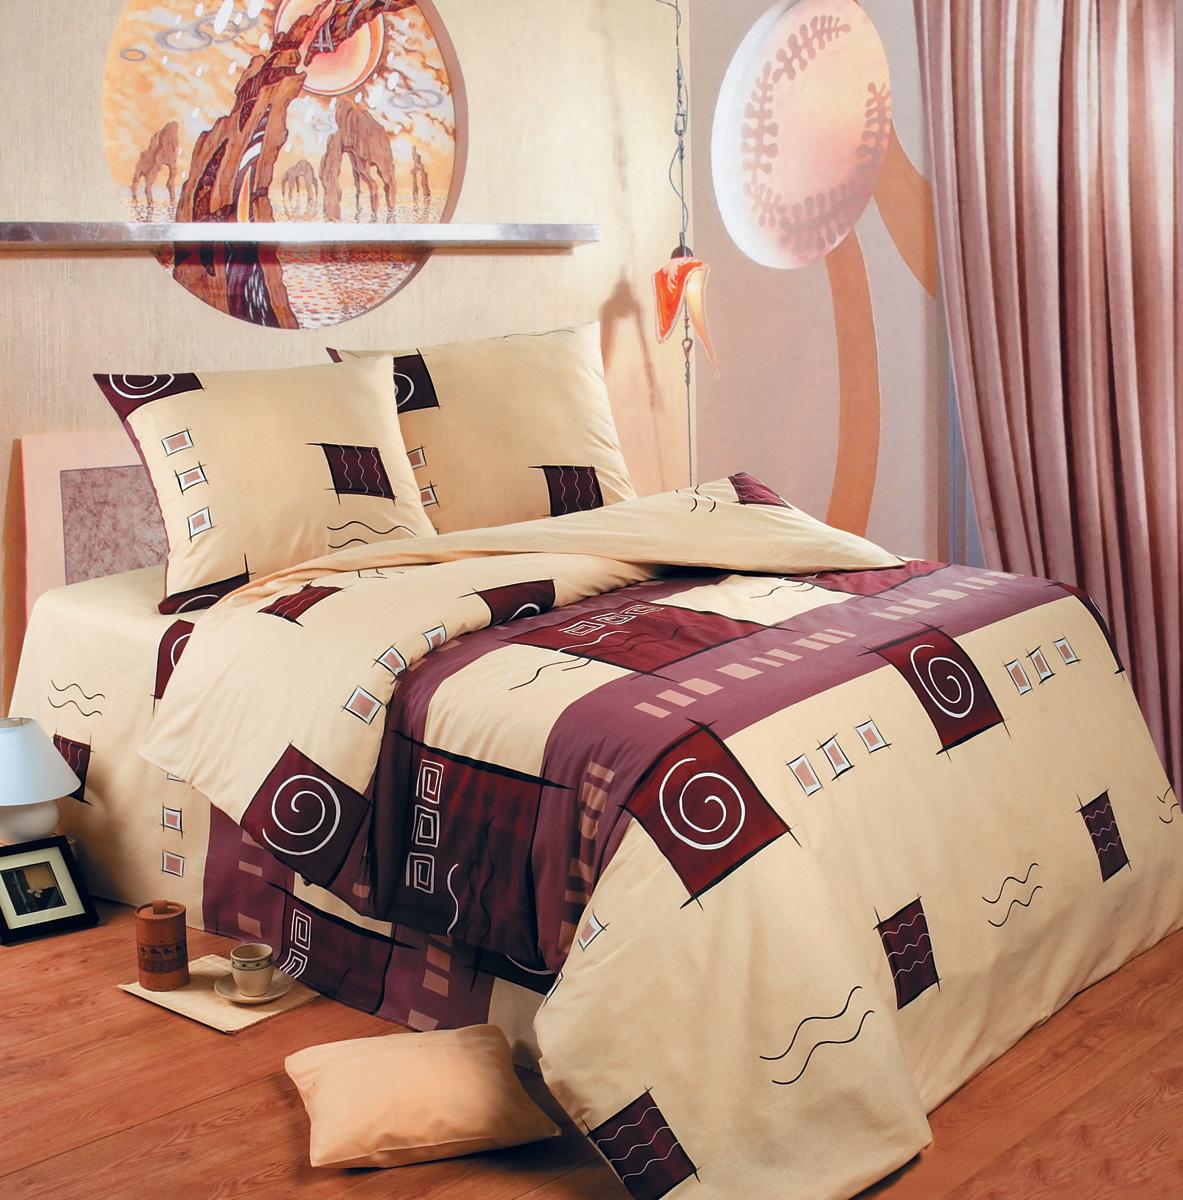 Комплект белья Любимый дом Дюна, семейный, наволочки 70x70, цвет: бежевый327666